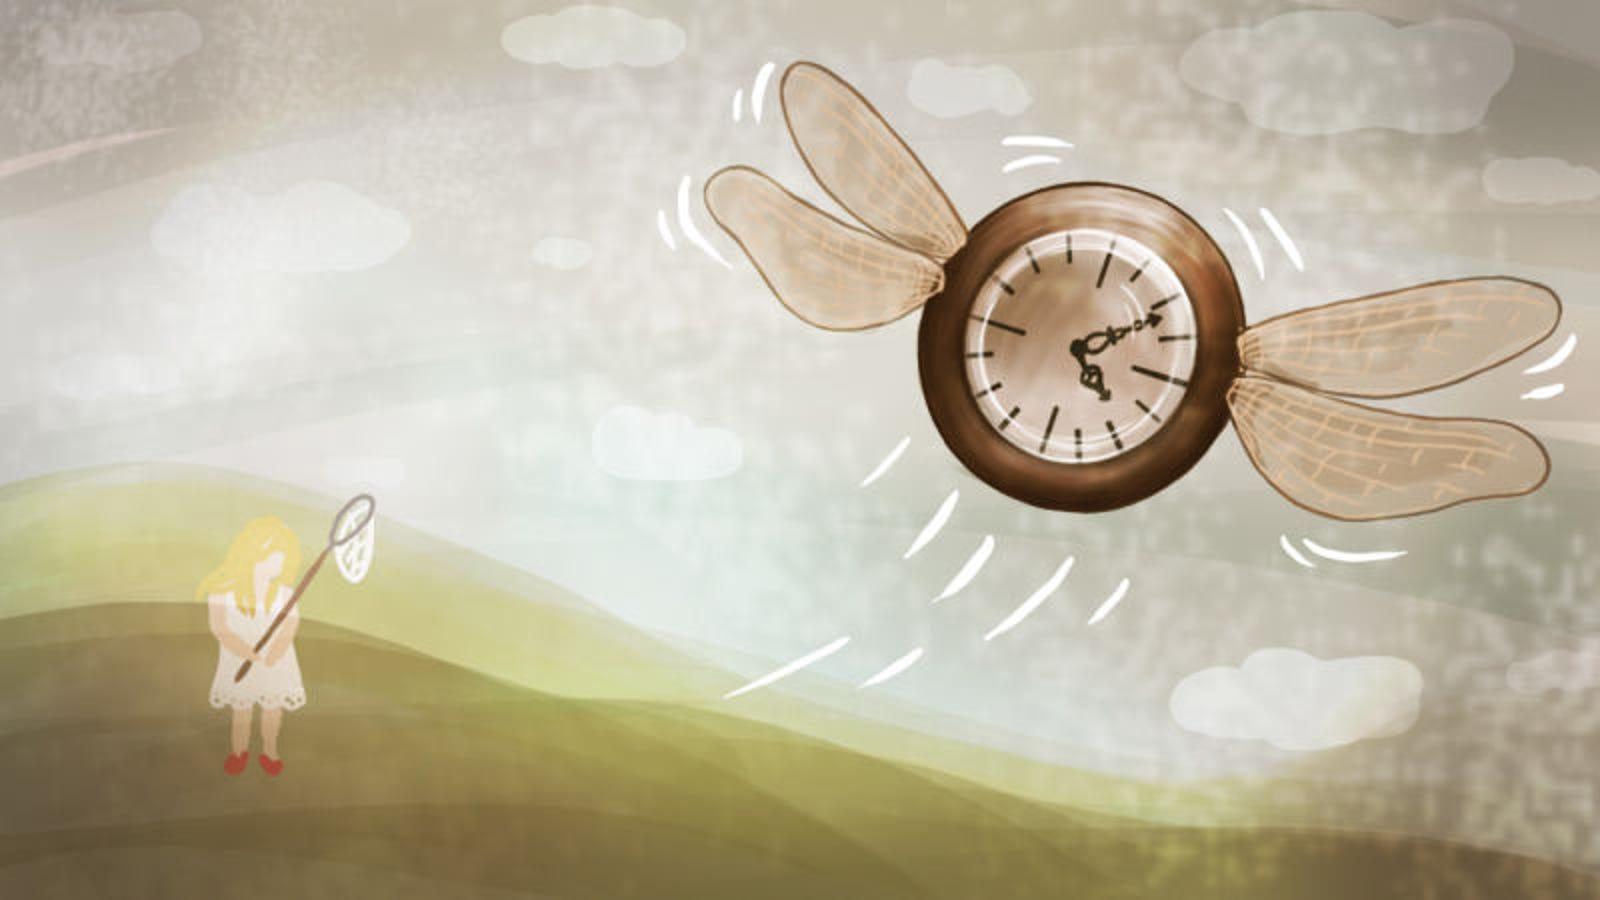 Por qué el tiempo parece pasar cada vez más rápido (y cómo evitarlo)